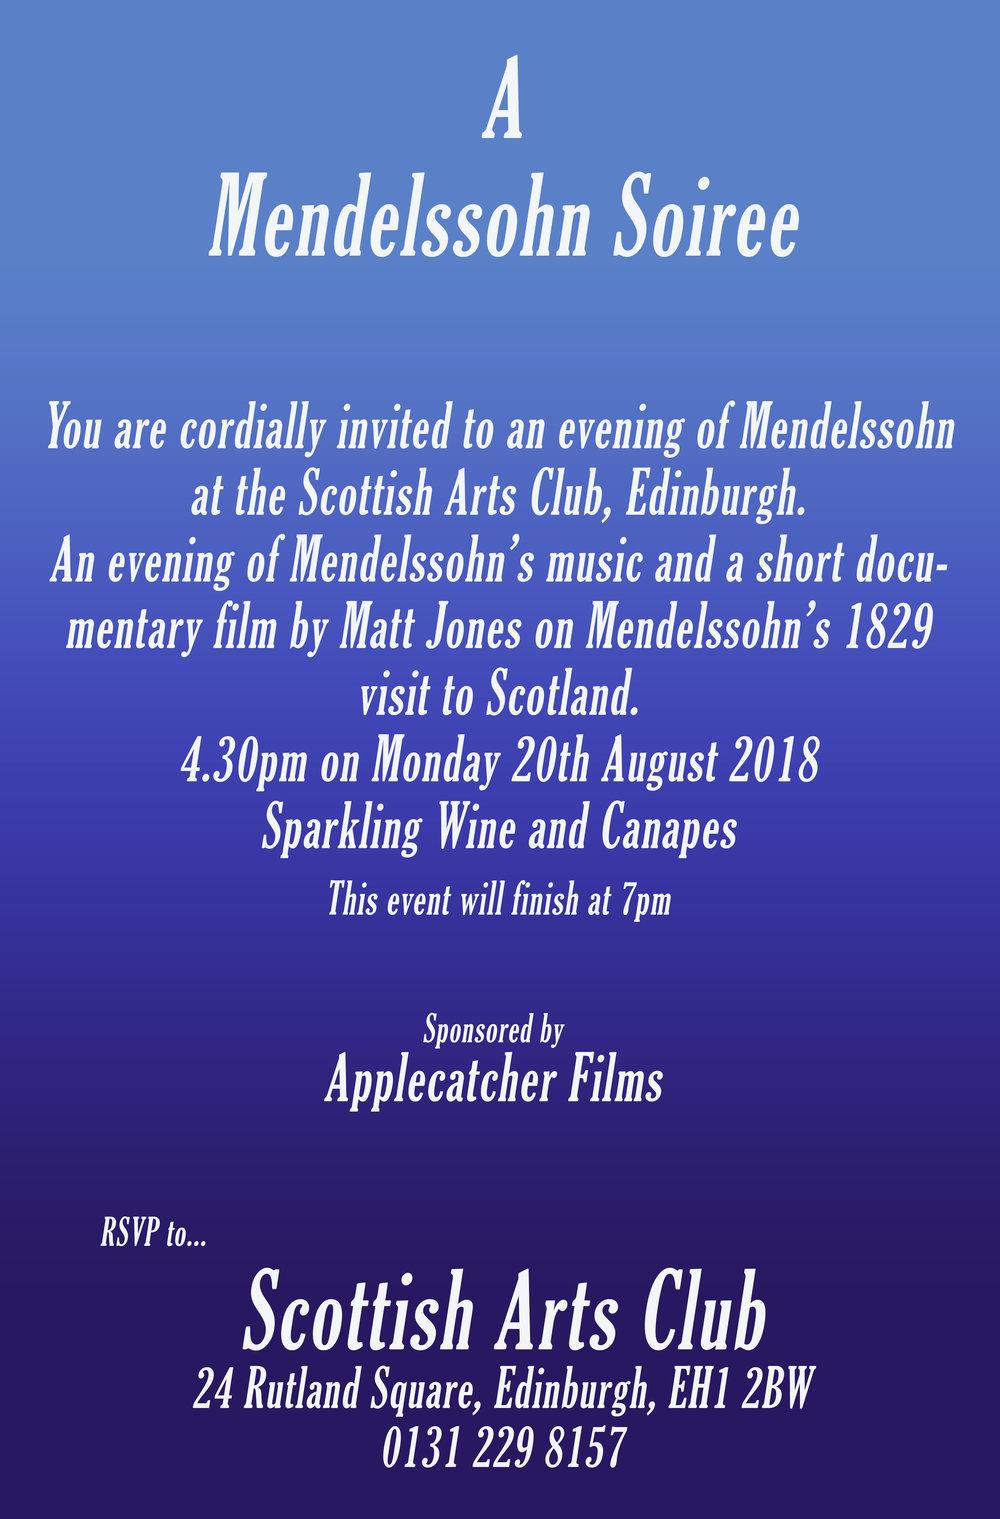 Mendelssohn Flyer Info.jpg